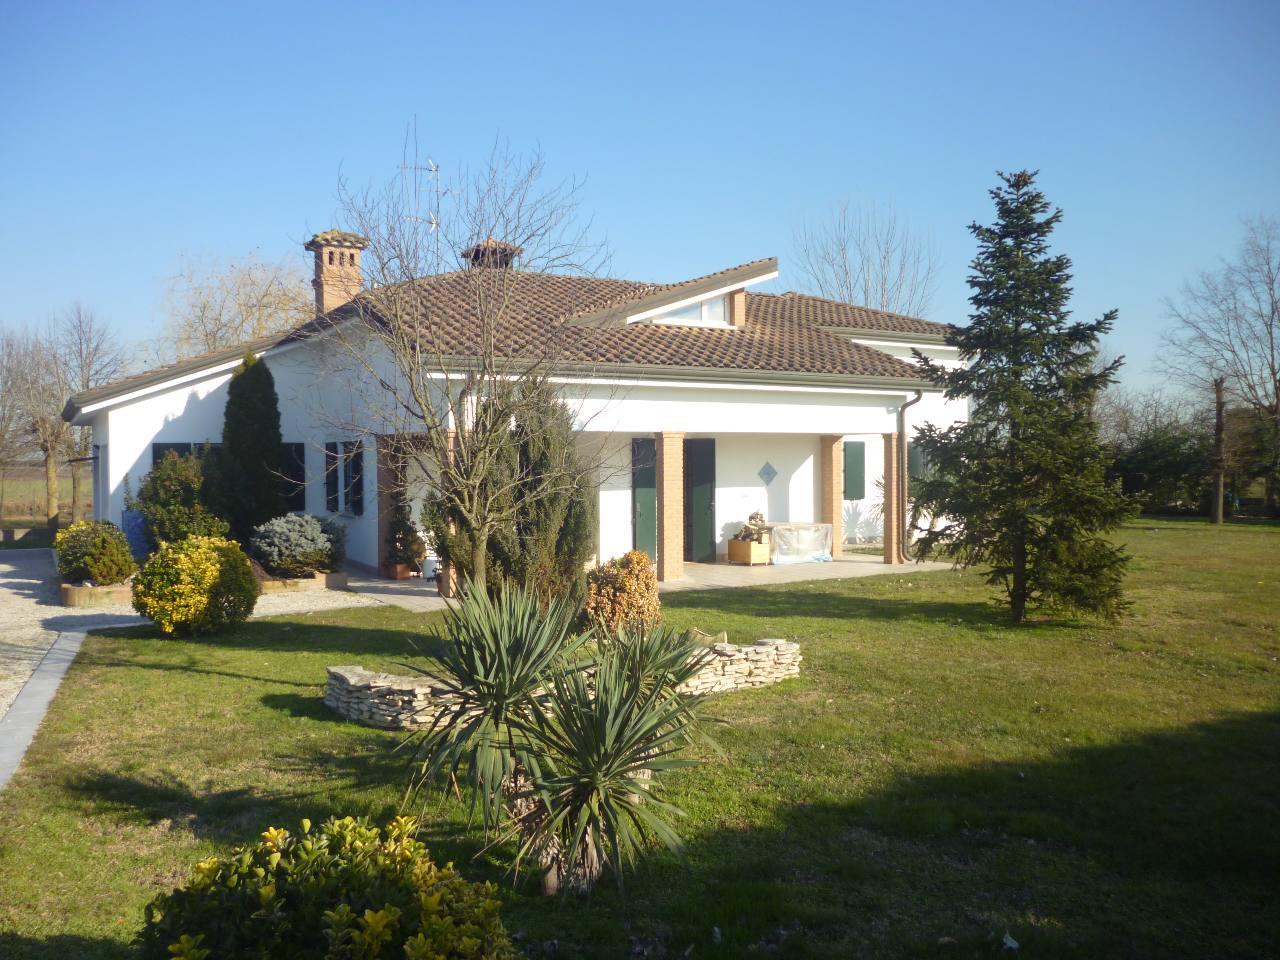 Villa in vendita a Ferrara, 3 locali, zona Zona: Gaibanella, prezzo € 410.000 | CambioCasa.it